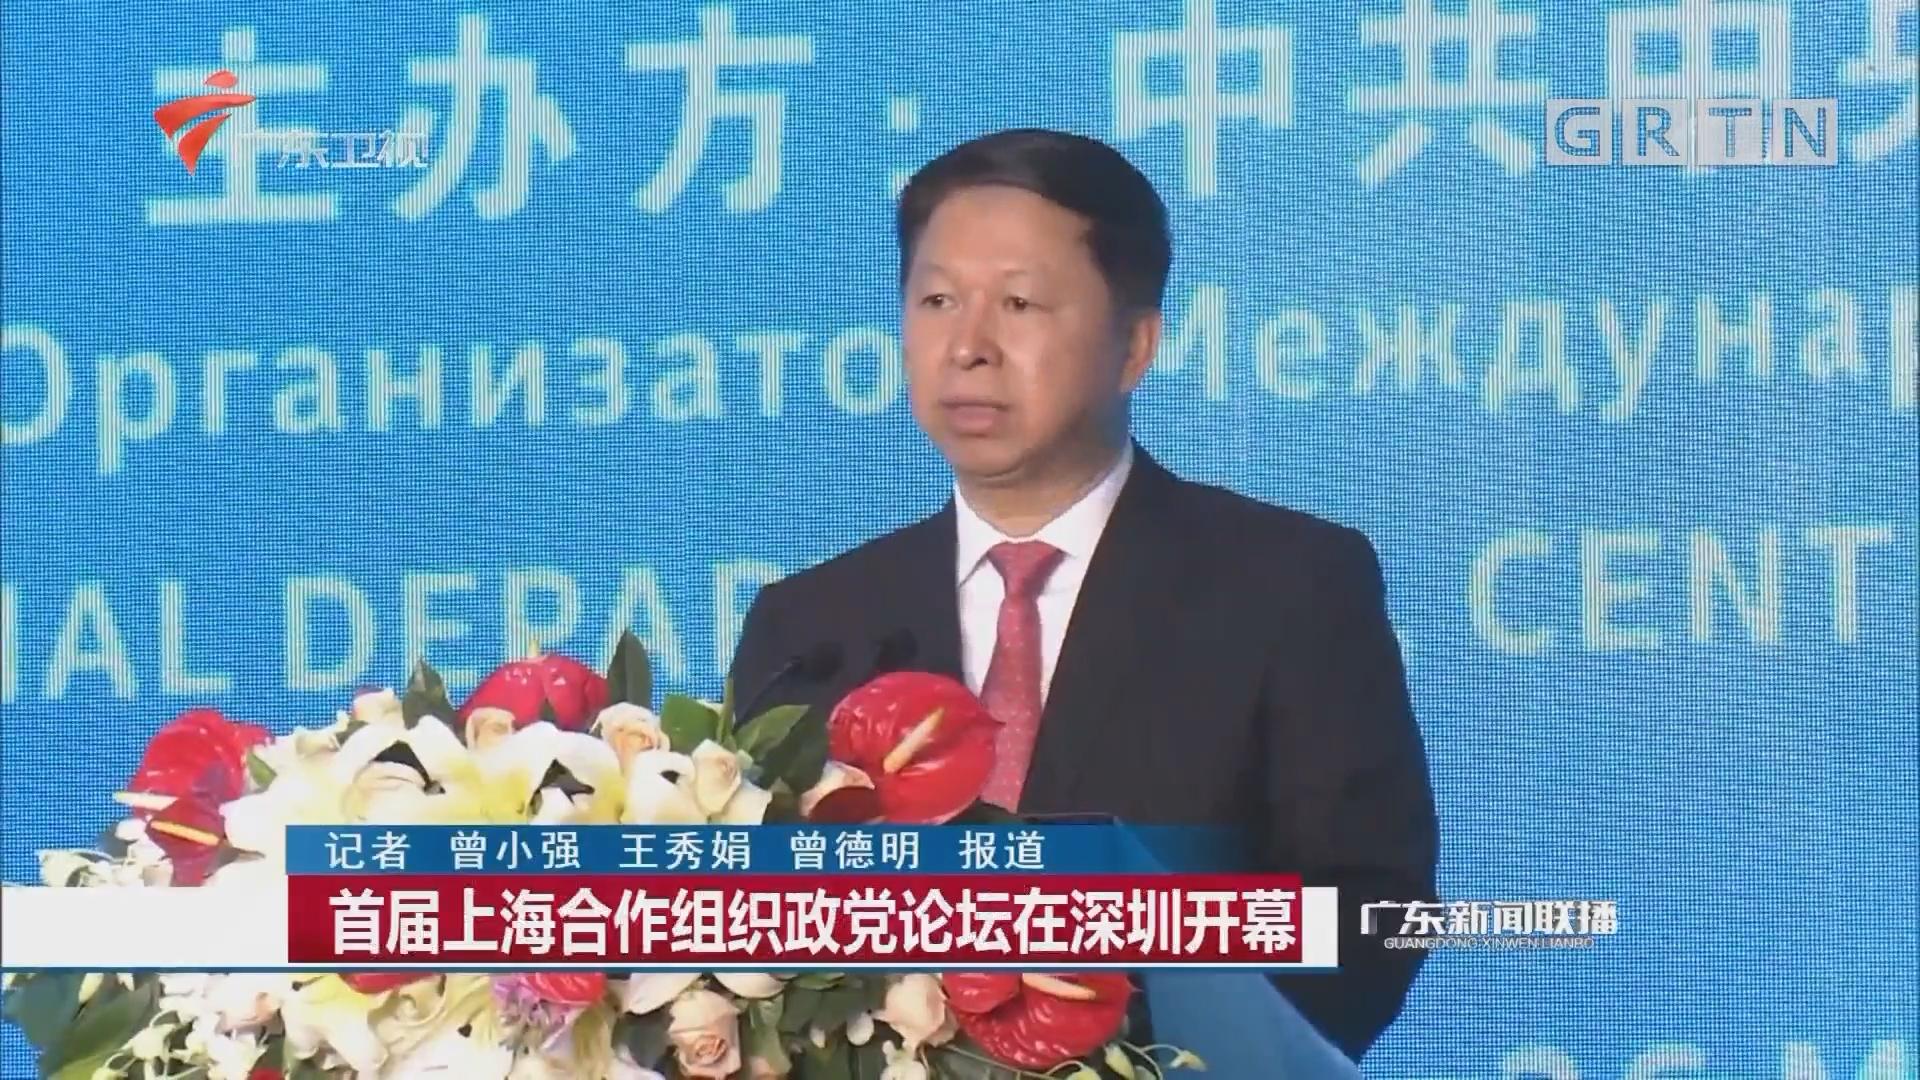 首届上海合作组织政党论坛在深圳开幕